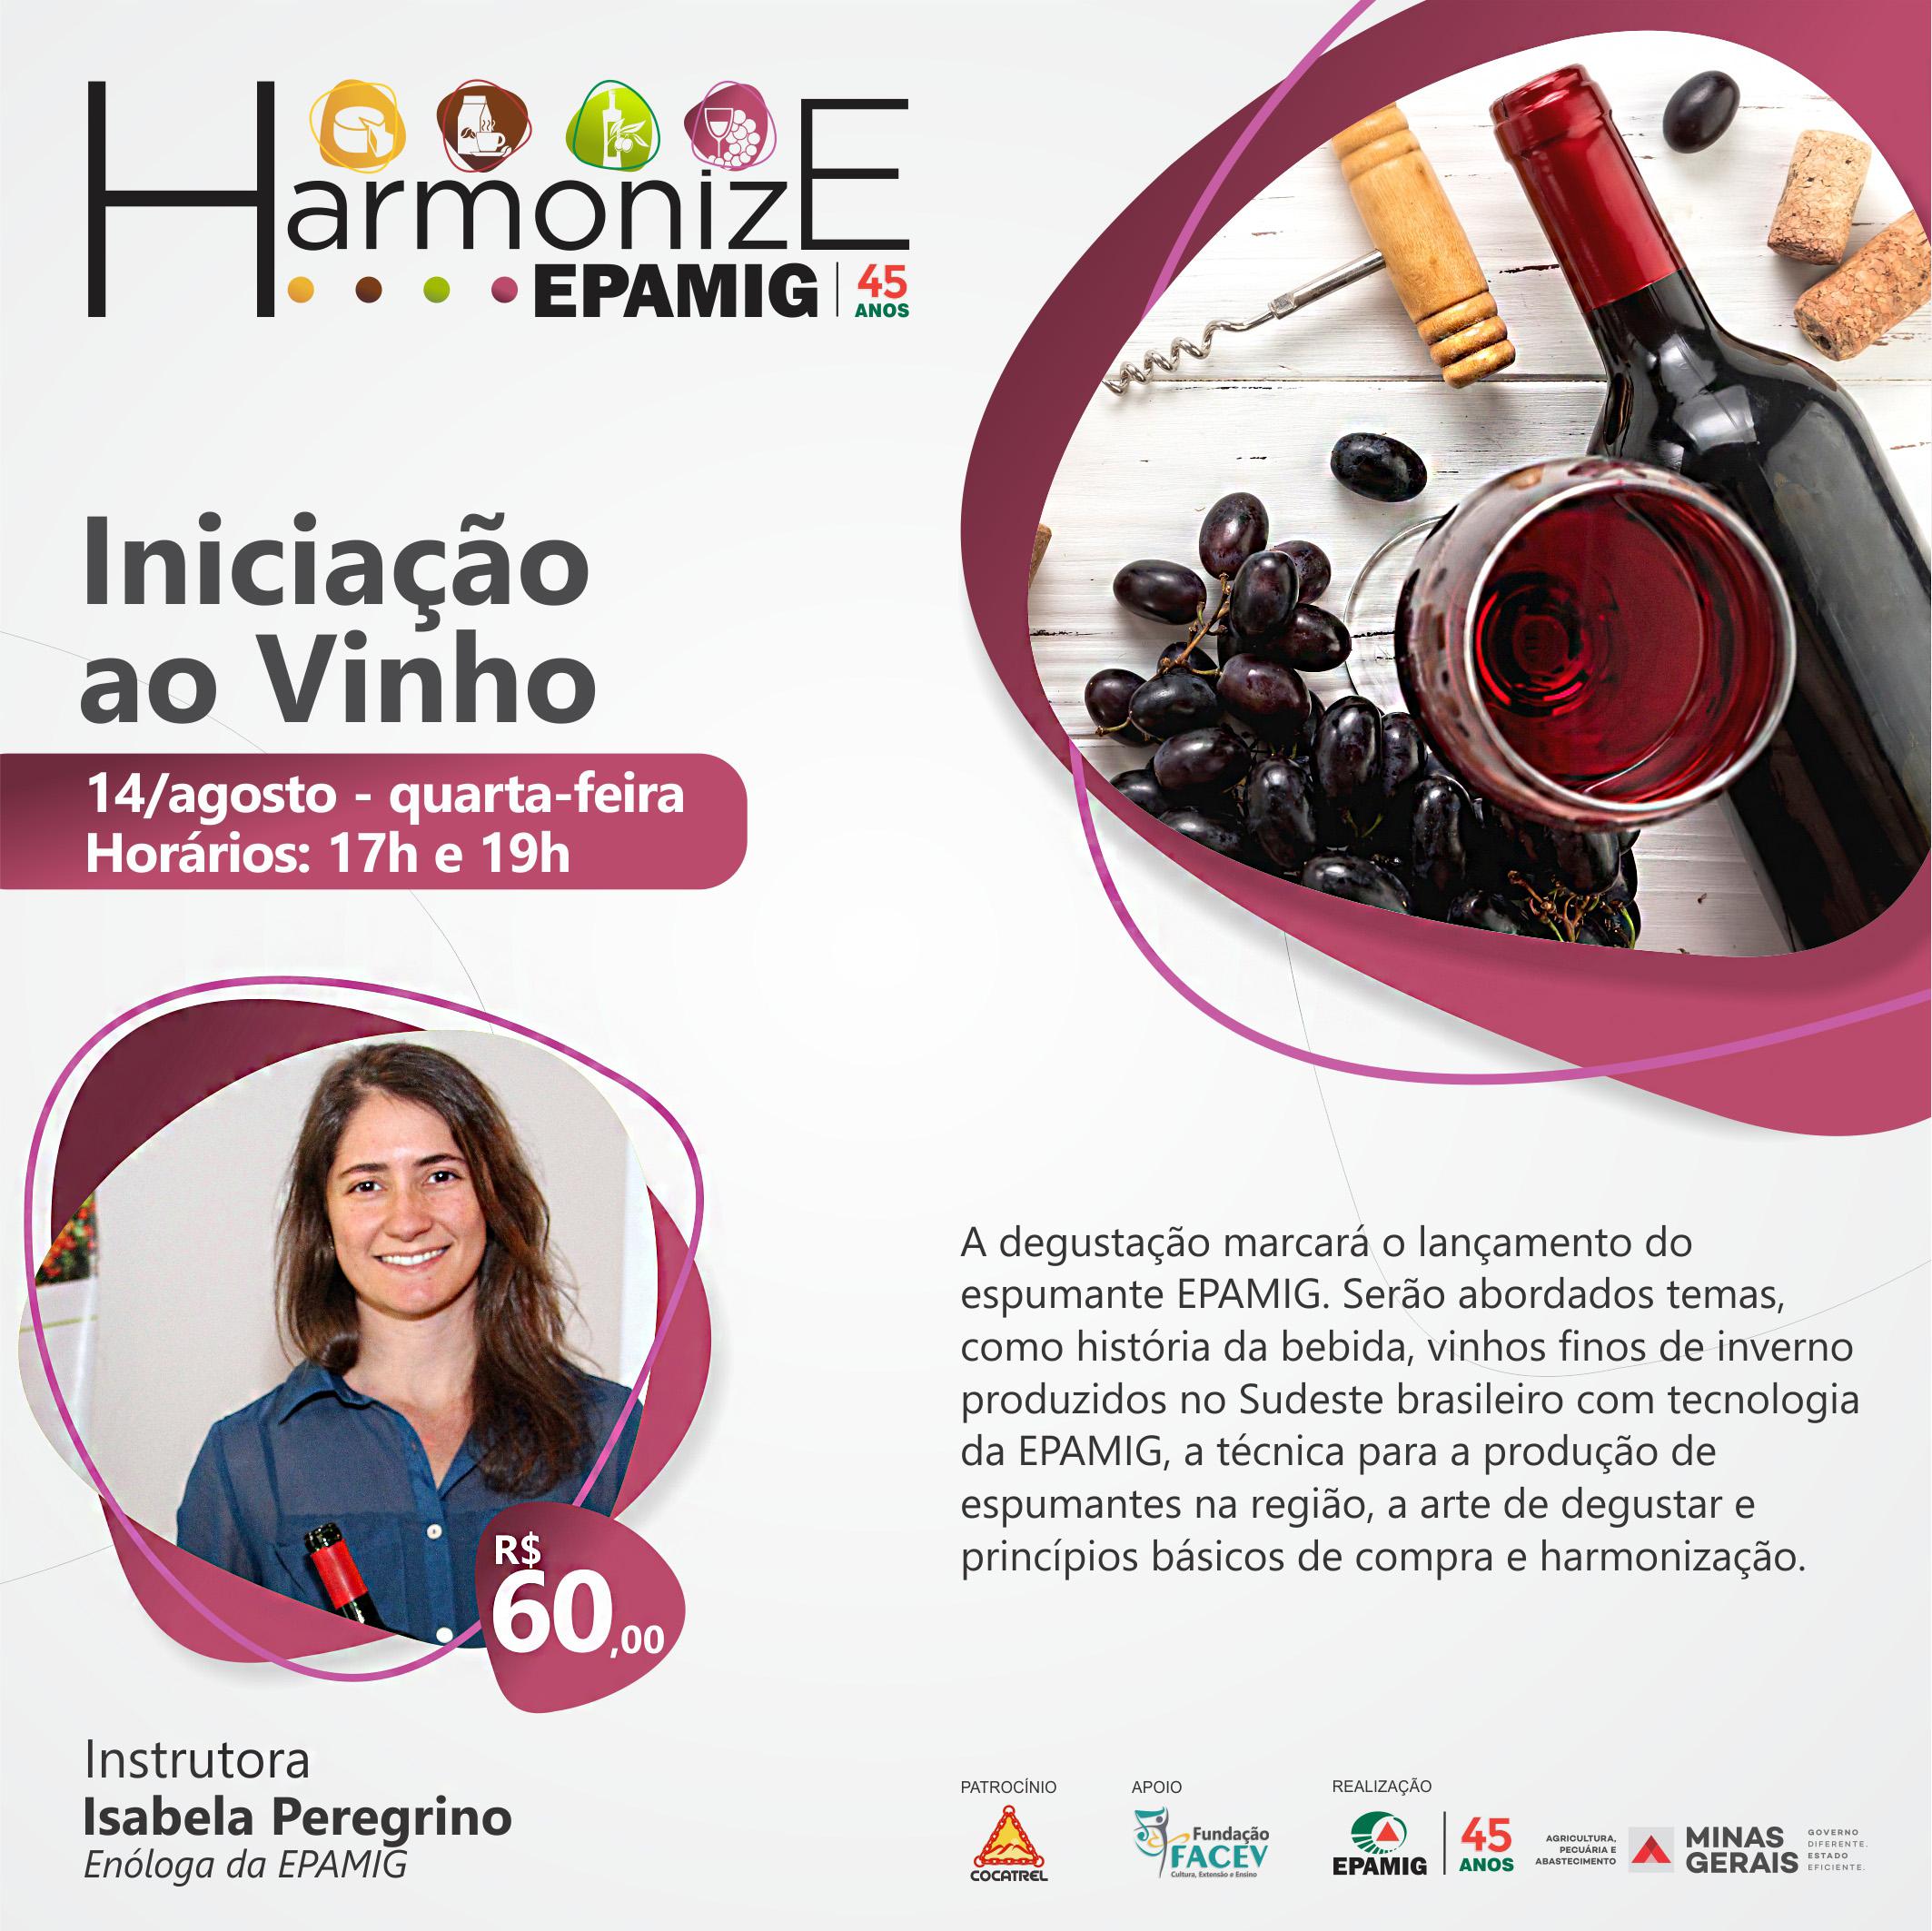 02 - Harmonize EPAMIG 2019 - Cards Redes Sociais_Vinhos